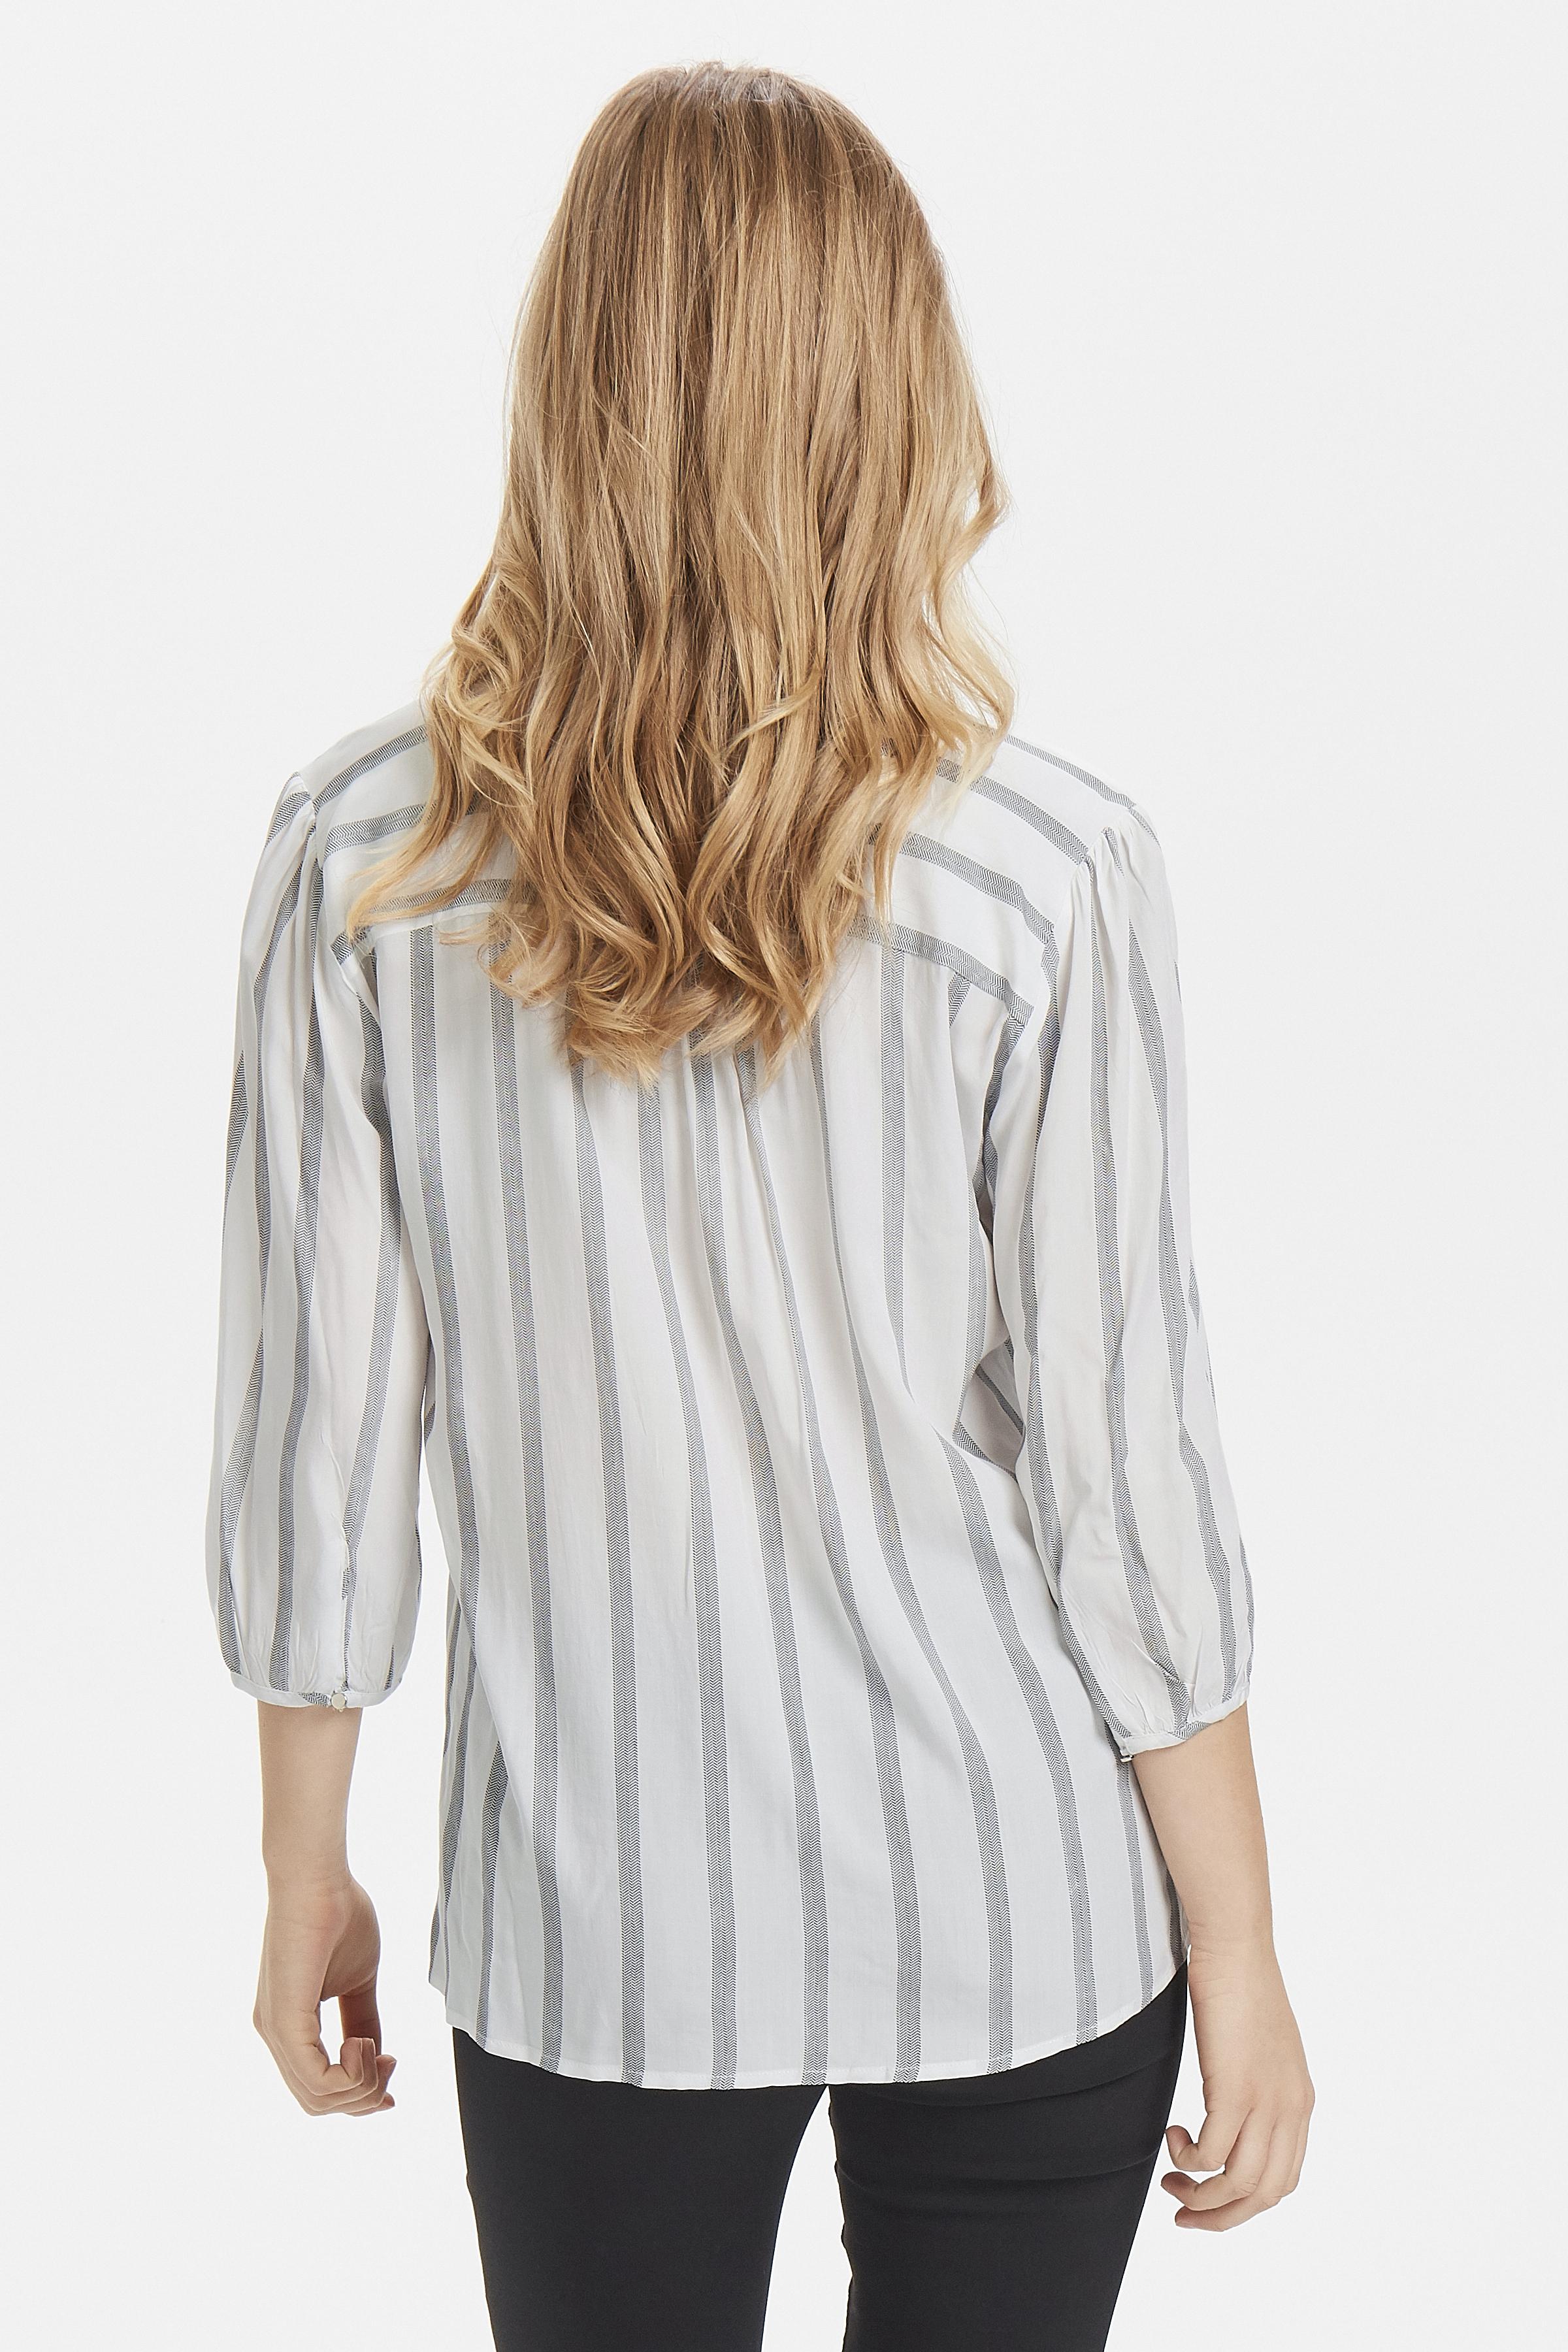 Off White Langarm - Hemd von b.young – Kaufen Sie Off White Langarm - Hemd aus Größe 34-42 hier